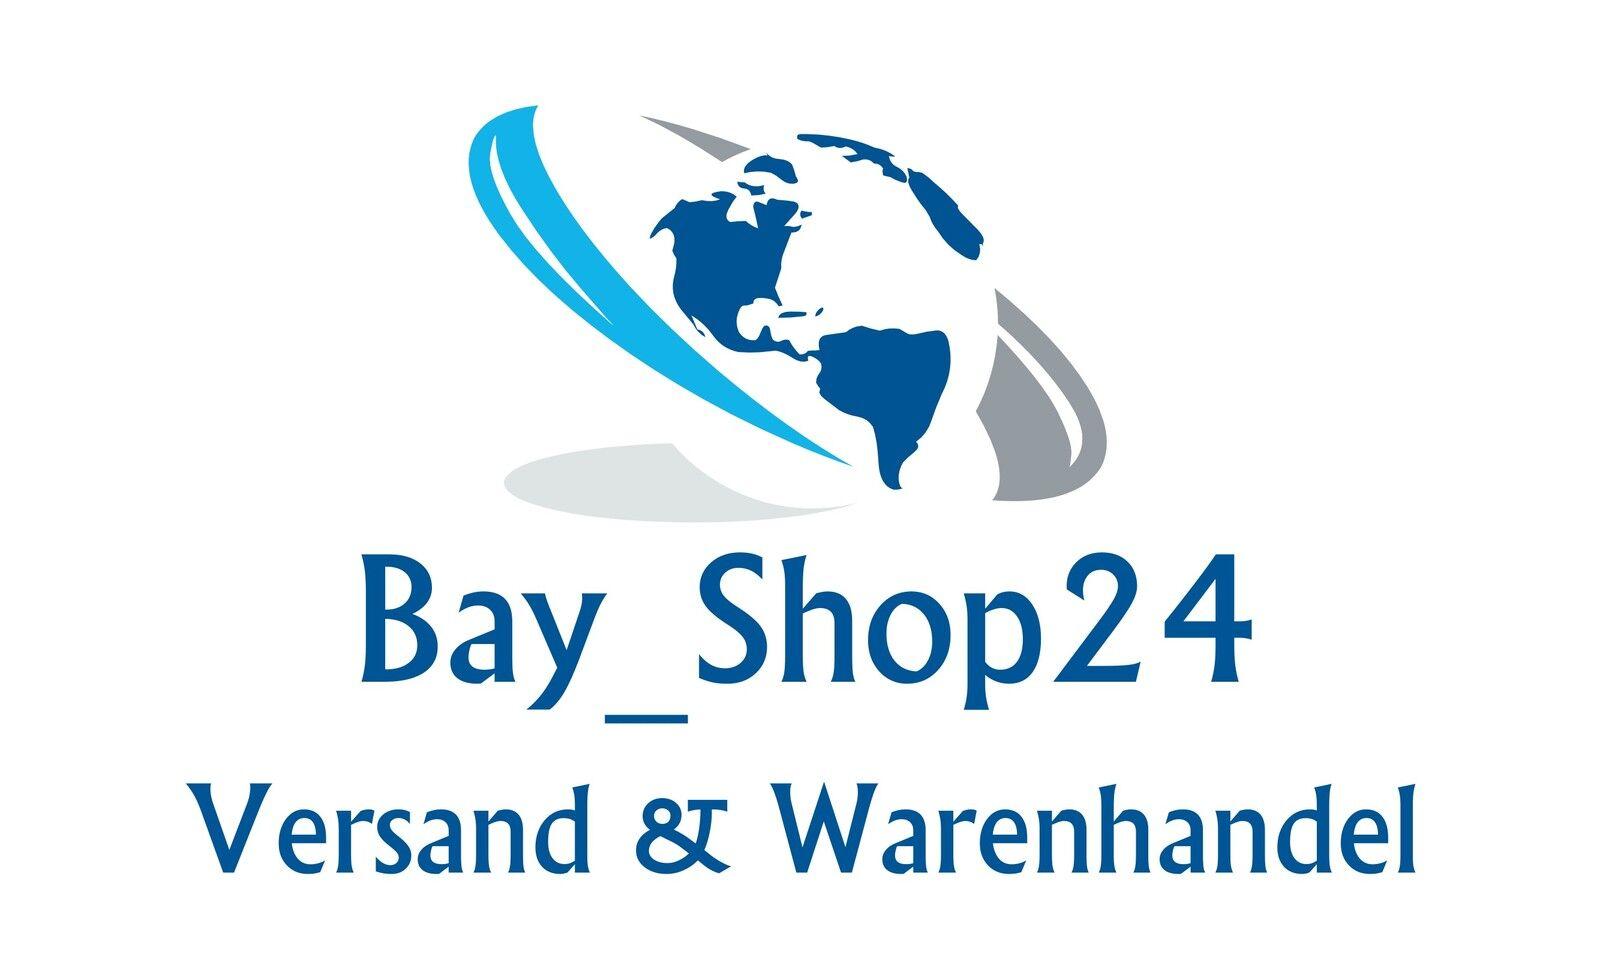 Bay_shop24